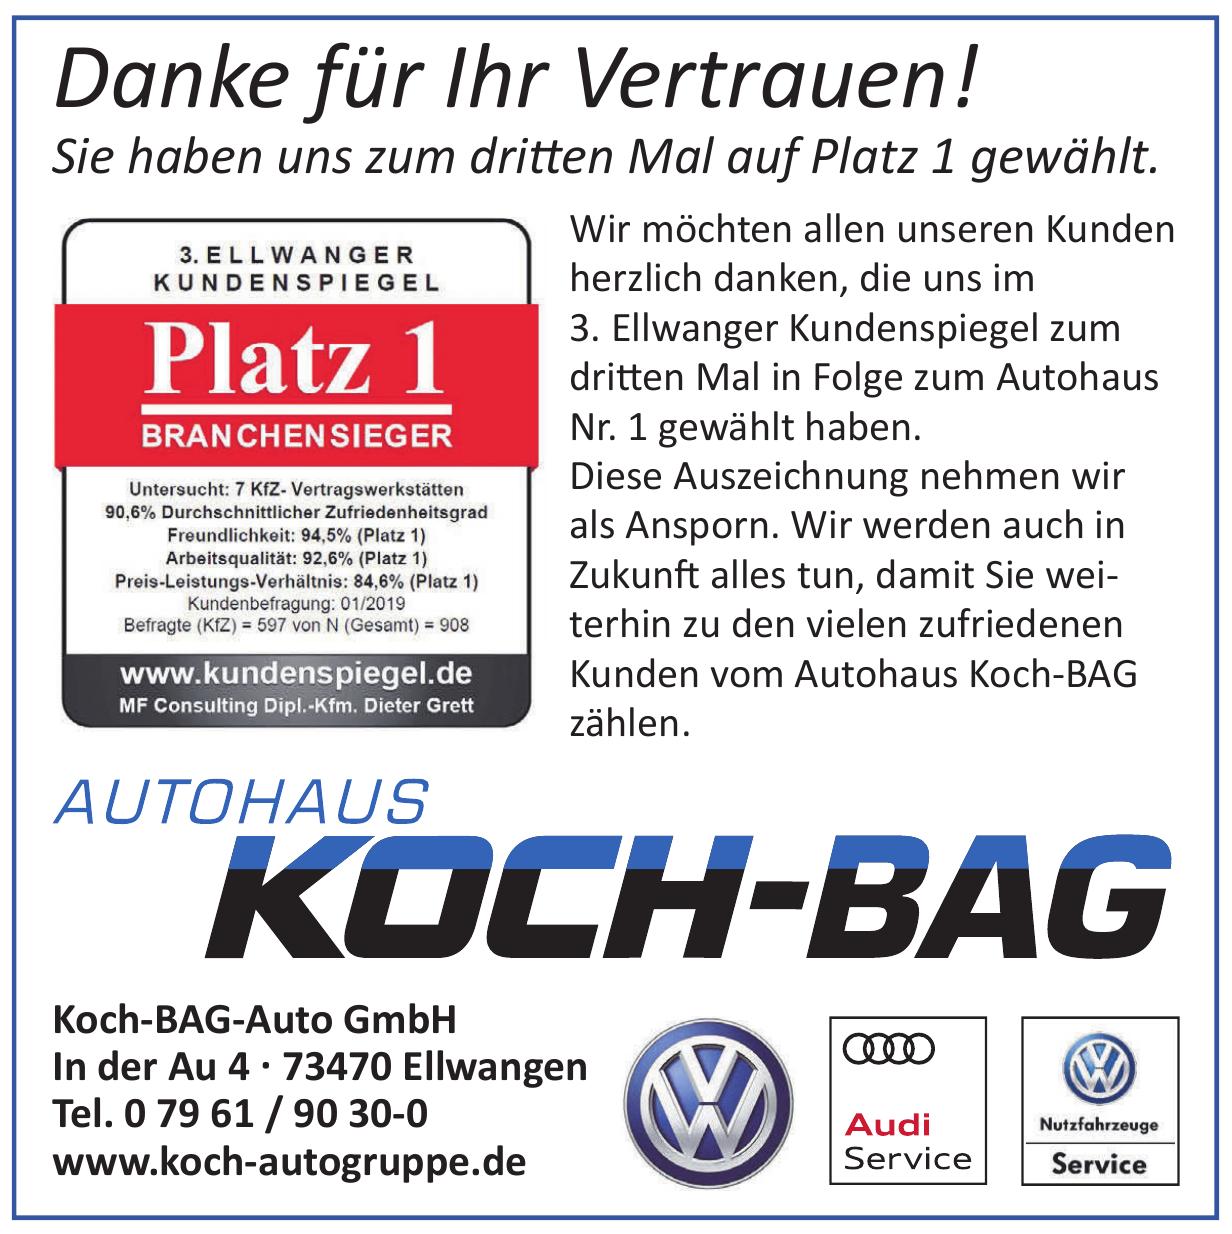 Koch-Bag-Auto GmbH